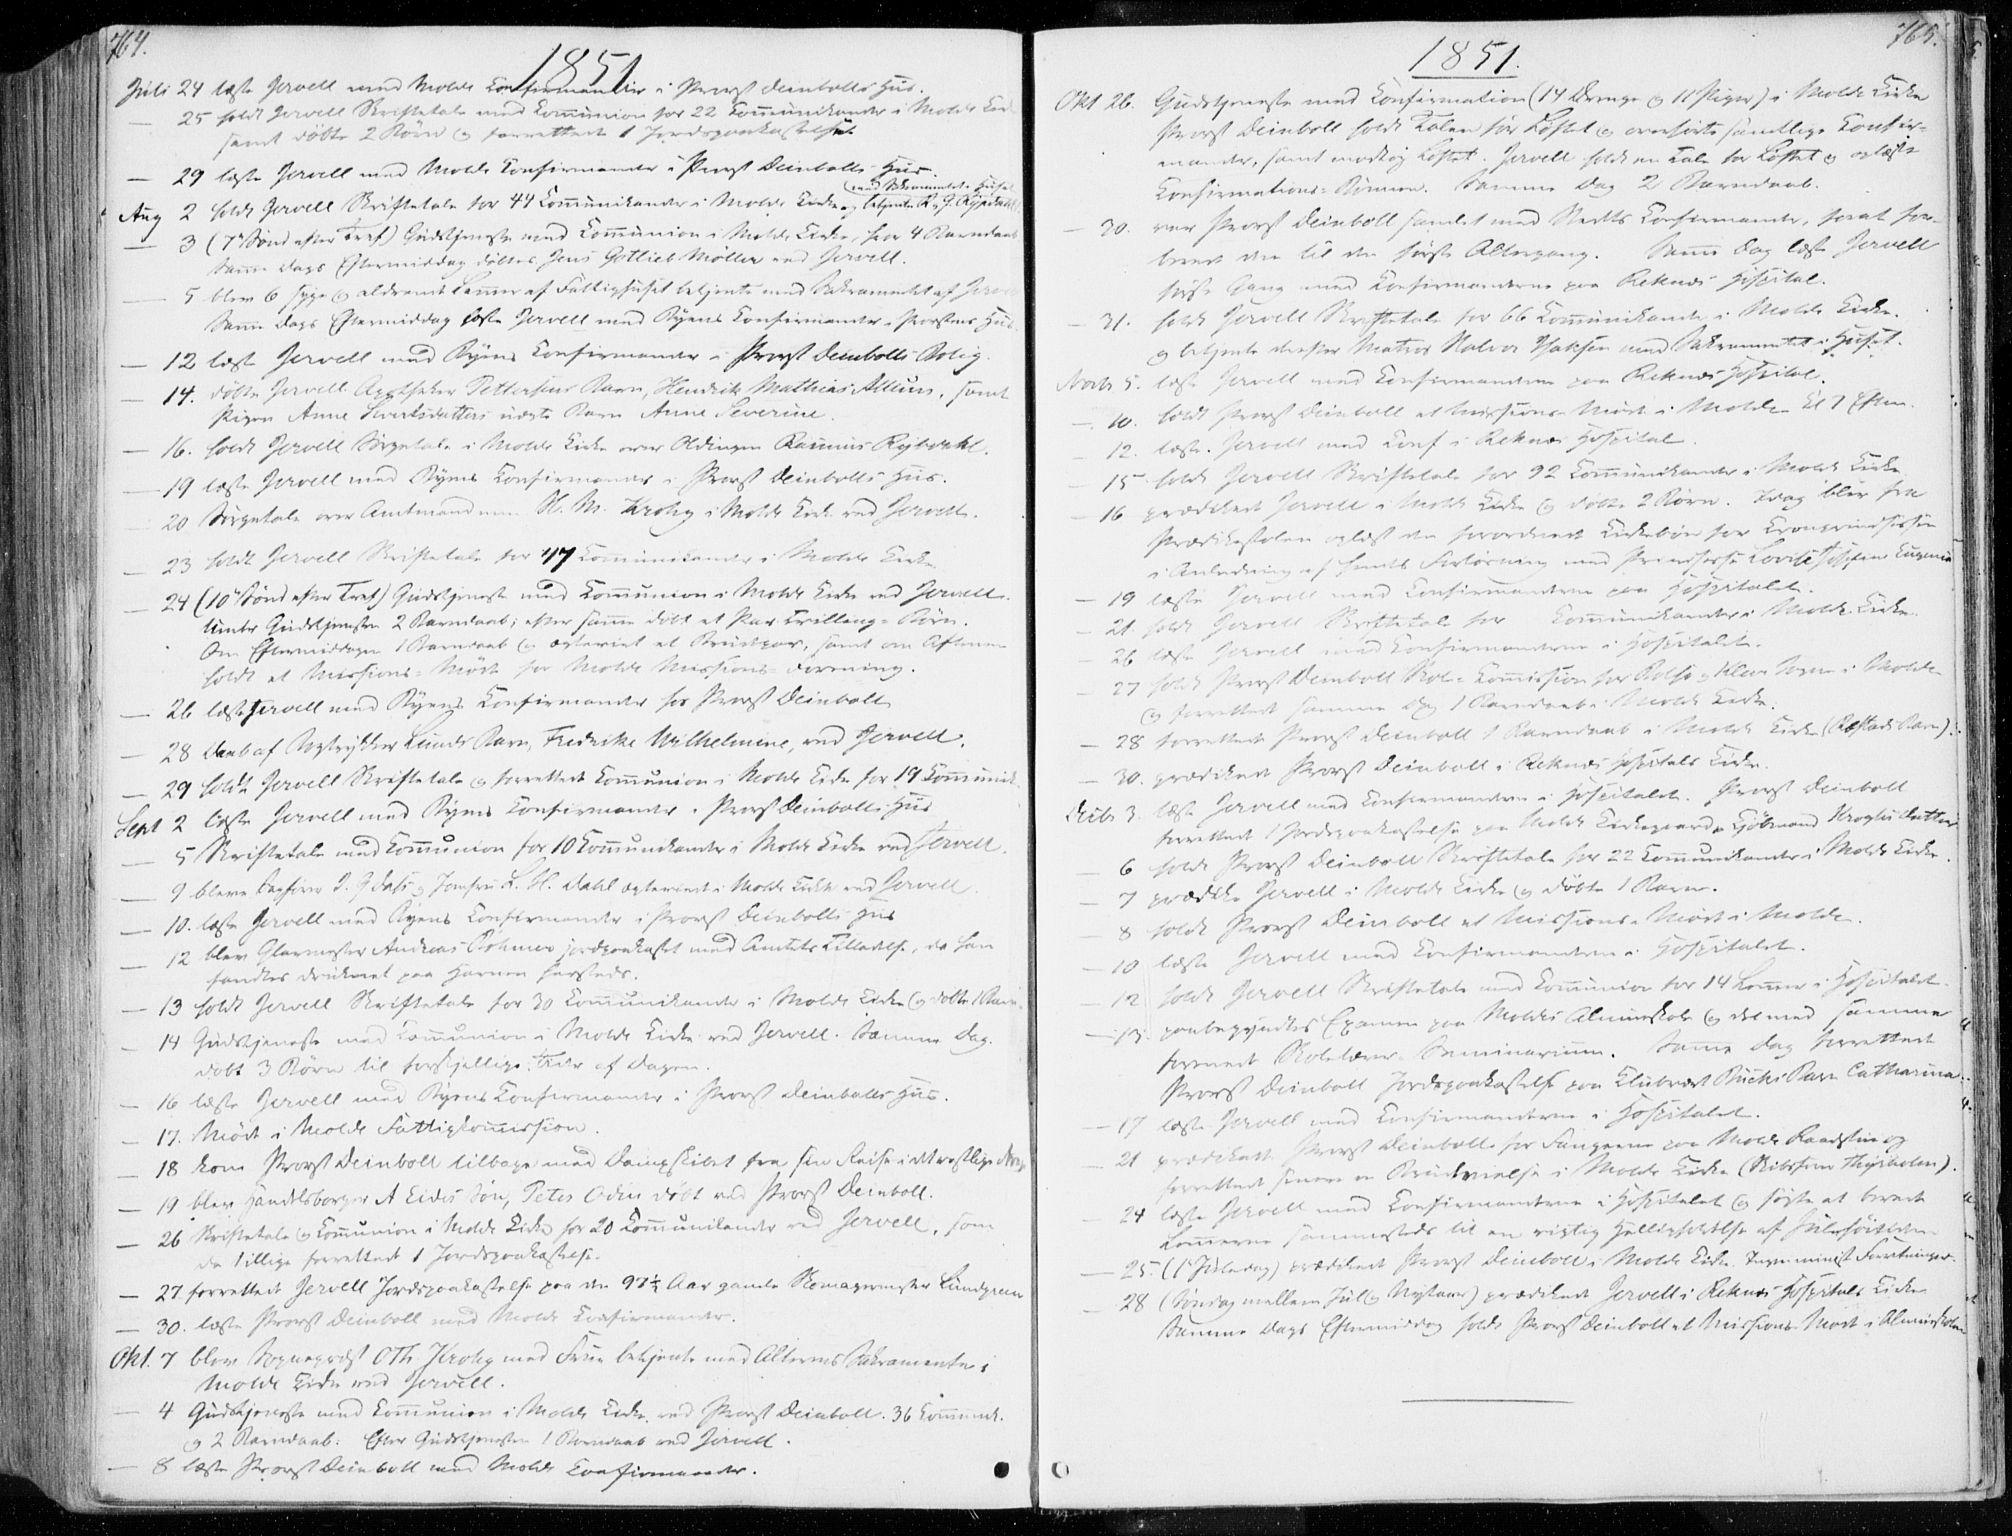 SAT, Ministerialprotokoller, klokkerbøker og fødselsregistre - Møre og Romsdal, 558/L0689: Ministerialbok nr. 558A03, 1843-1872, s. 764-765